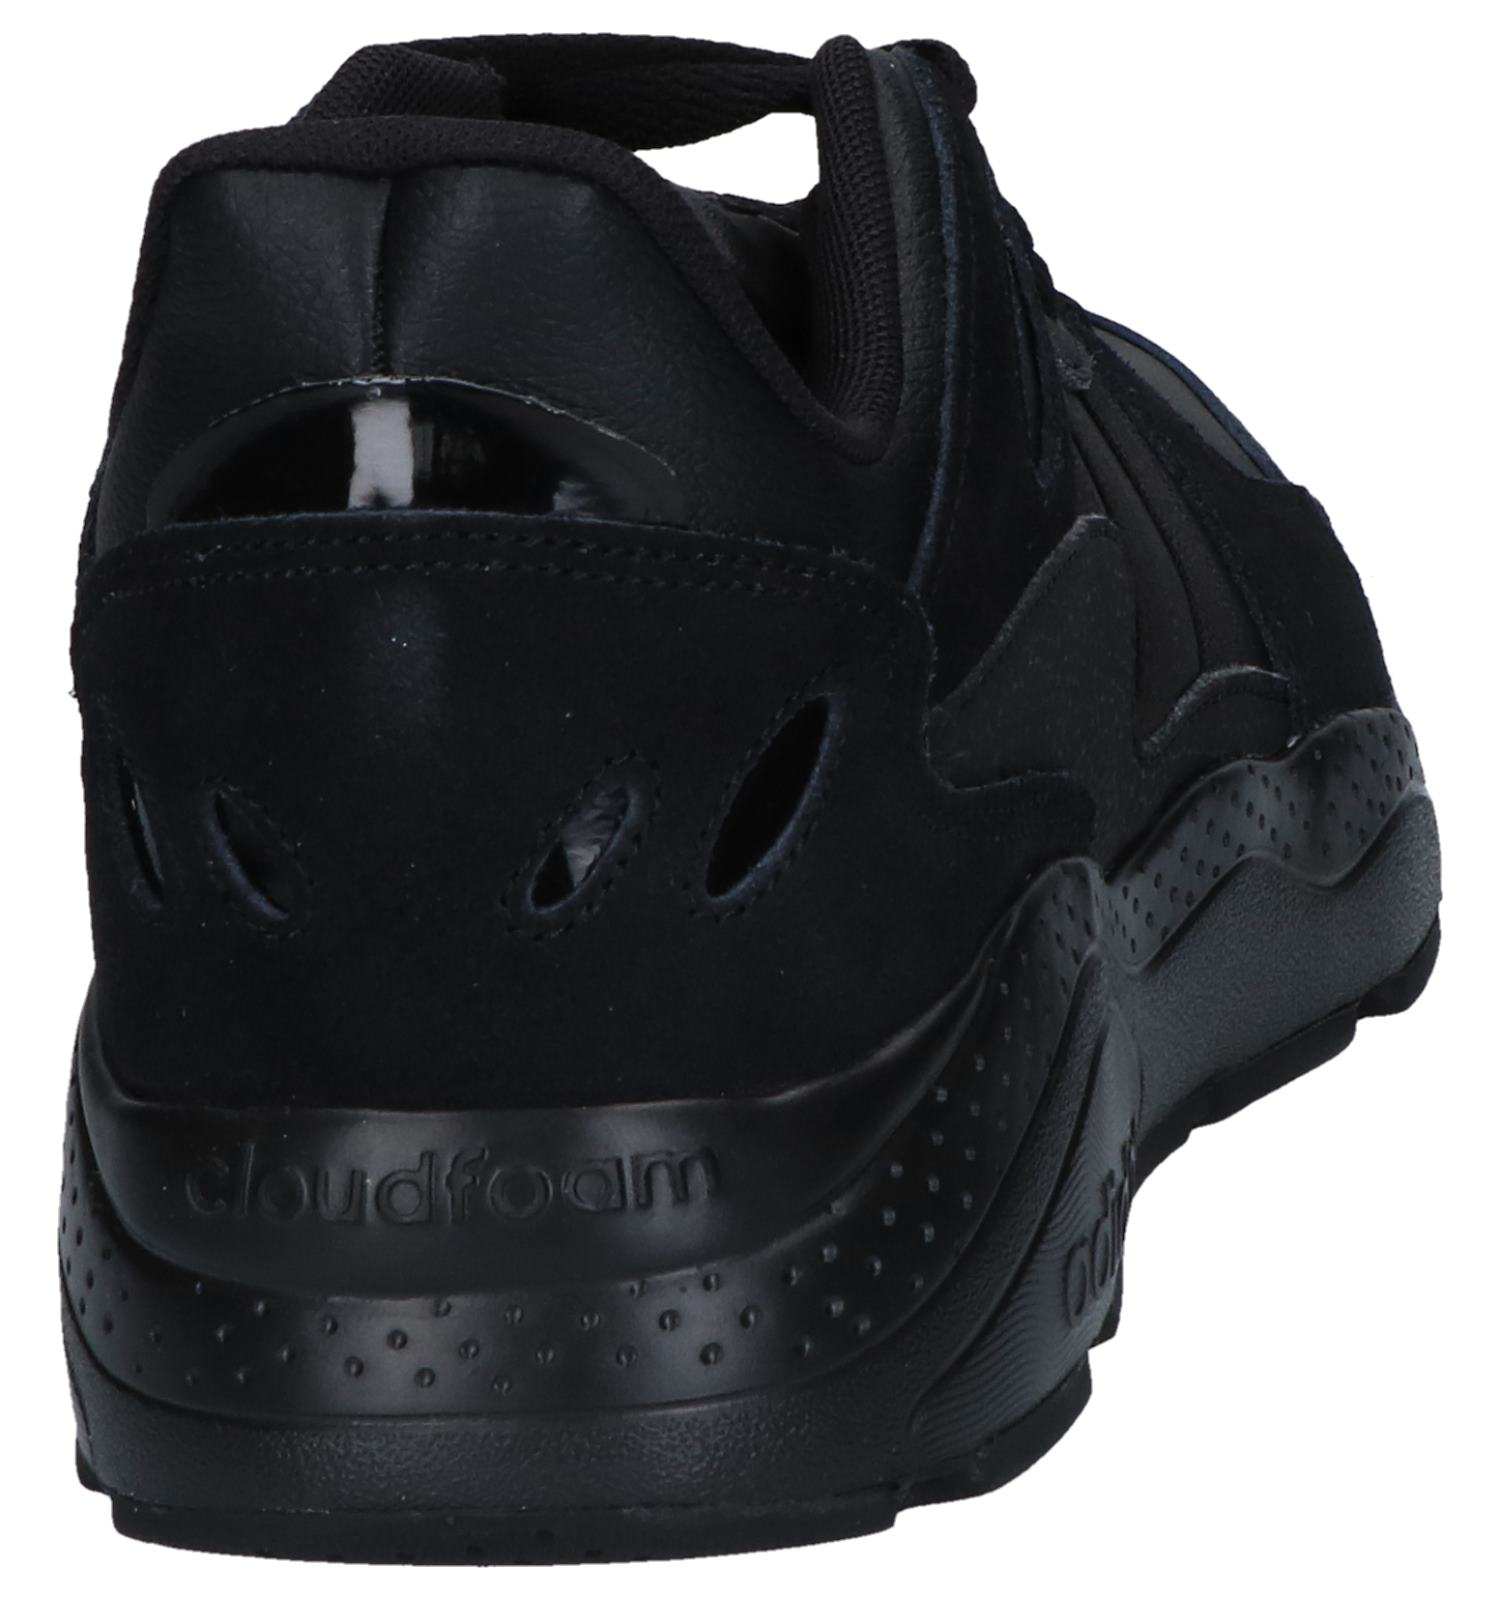 Zwarte Zwarte Adidas Sneakers Sneakers Zwarte Adidas Zwarte Sneakers Adidas Chaos Chaos Chaos mwv0OyN8n